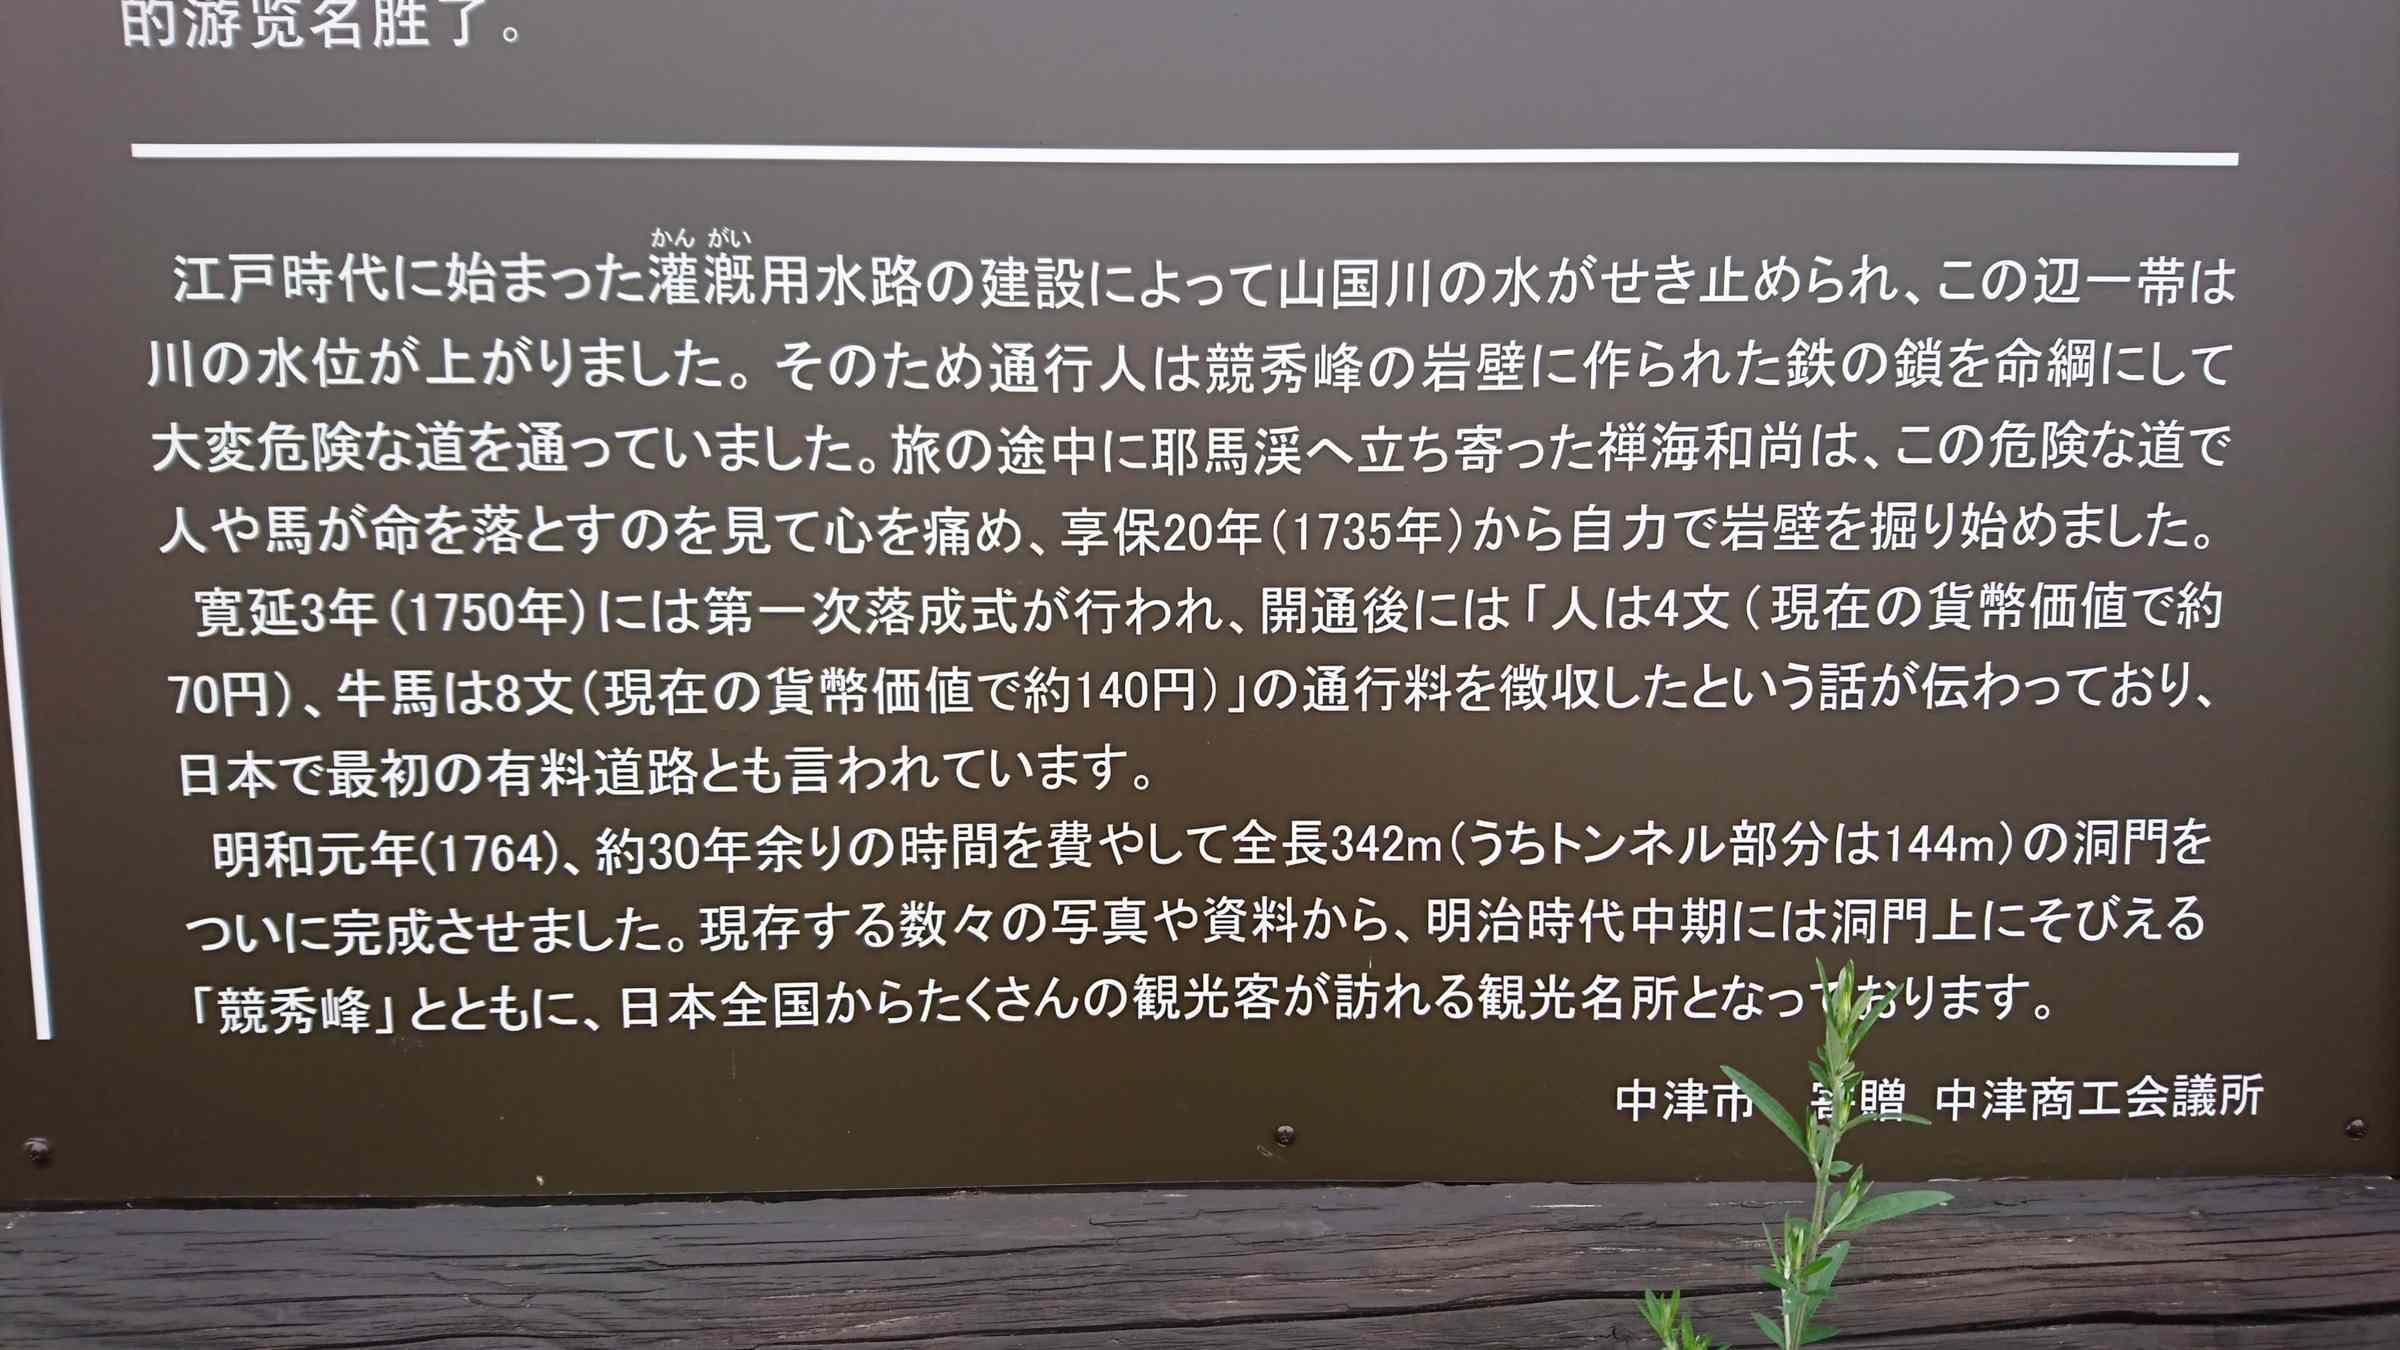 f:id:ynakayama27:20170815095544j:plain